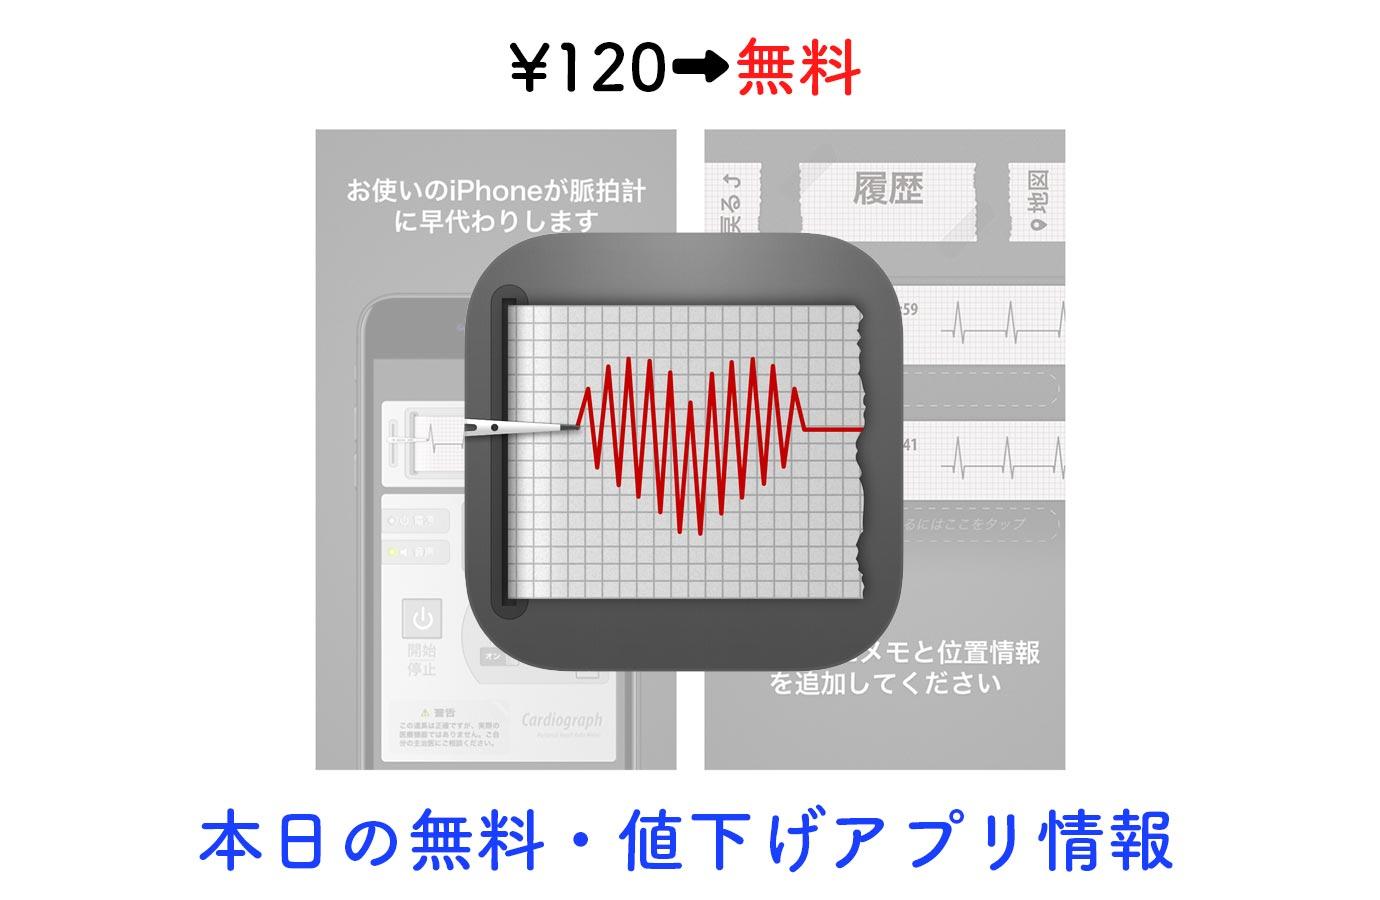 ¥120→無料、iPhoneのカメラを使って心拍数を計測できる「カーディオグラフ クラシック」など【10/10】本日の無料・値下げアプリ情報